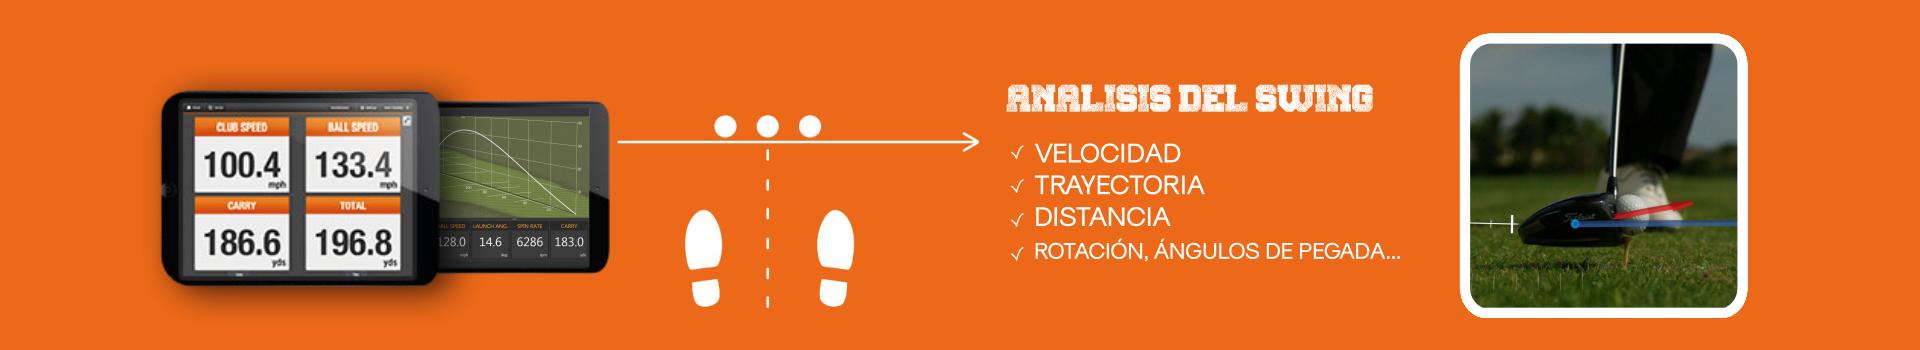 Trackman 4 GOlf Olivar de la Hinojosa PerfectPixel Publicidad Agencia de Publicidad en Madrid